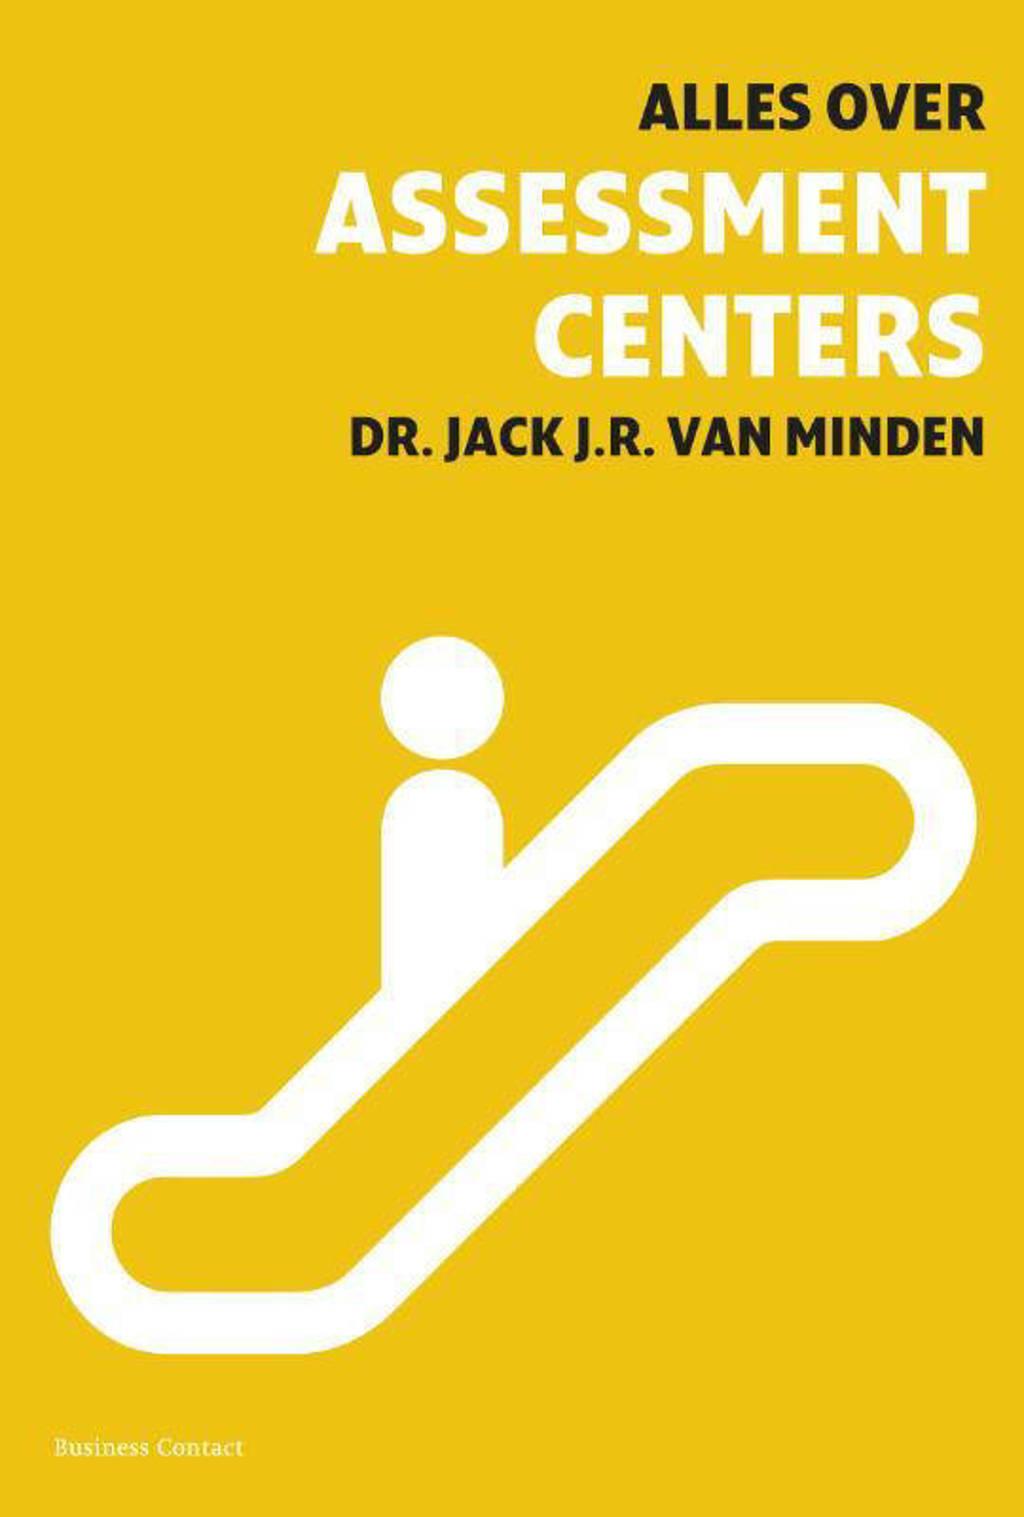 Alles over assessment centers - Jack J.R. van Minden